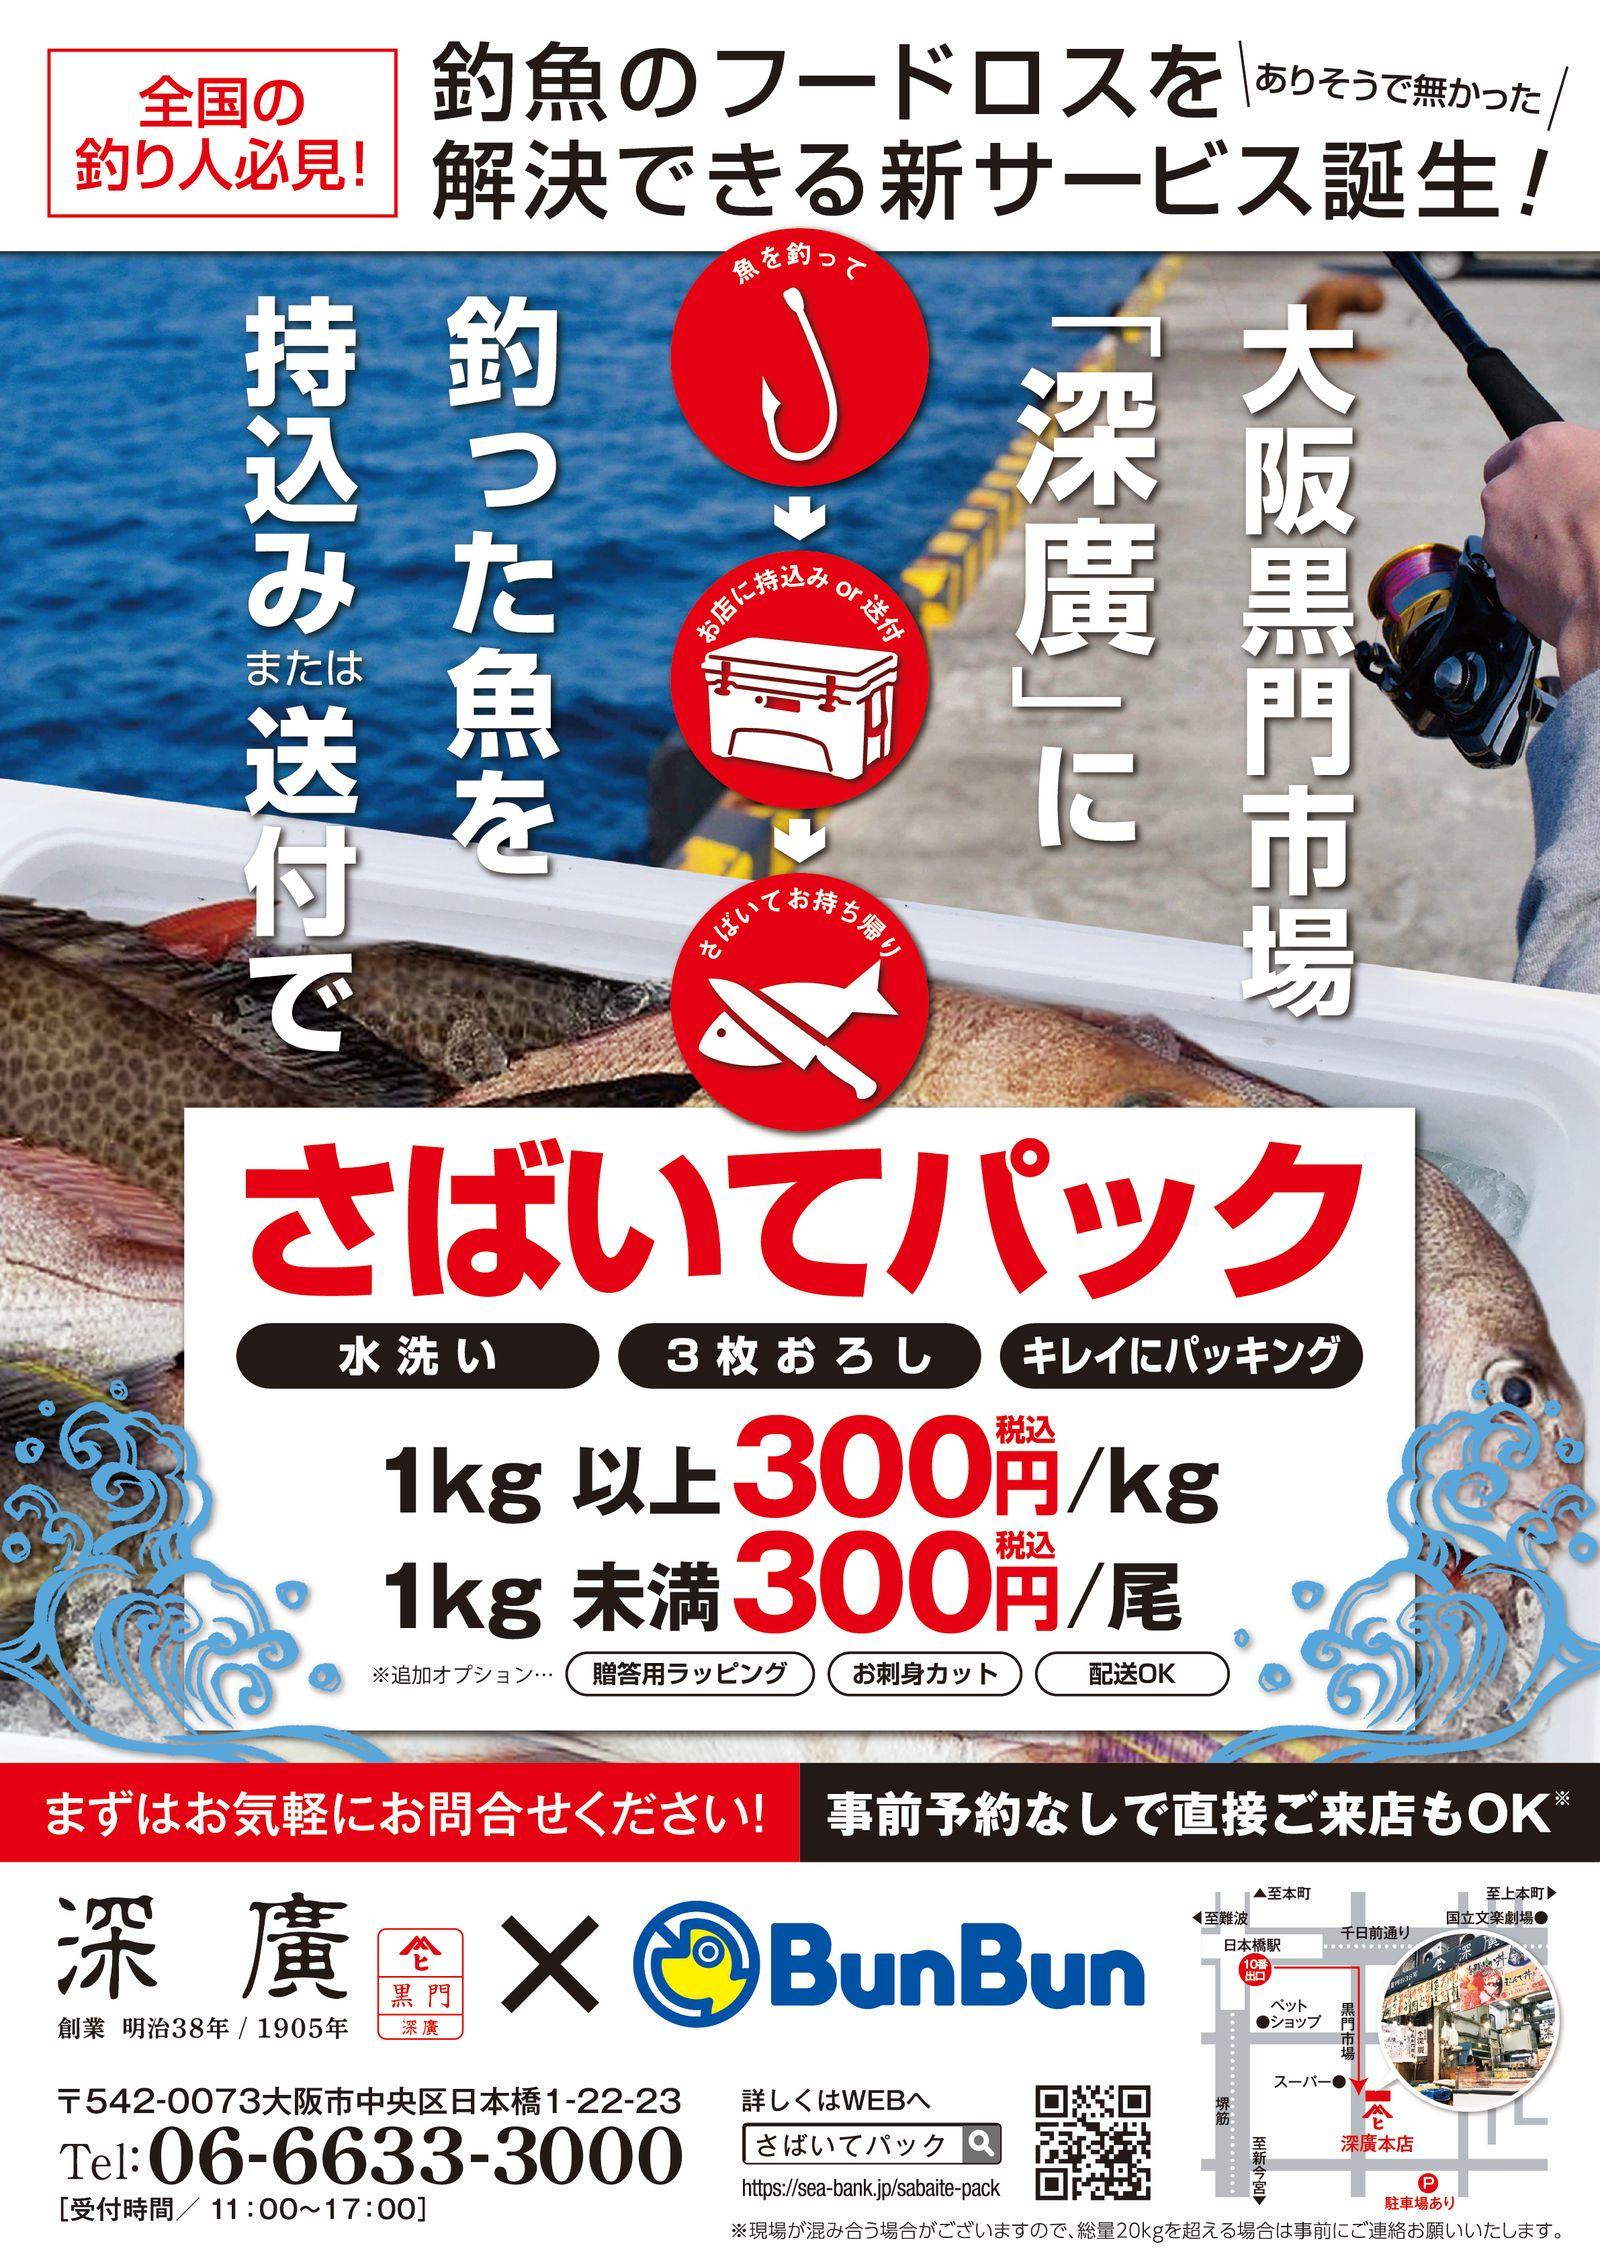 さばいてパック - 釣魚のフードロスを解決できる新サービス誕生!